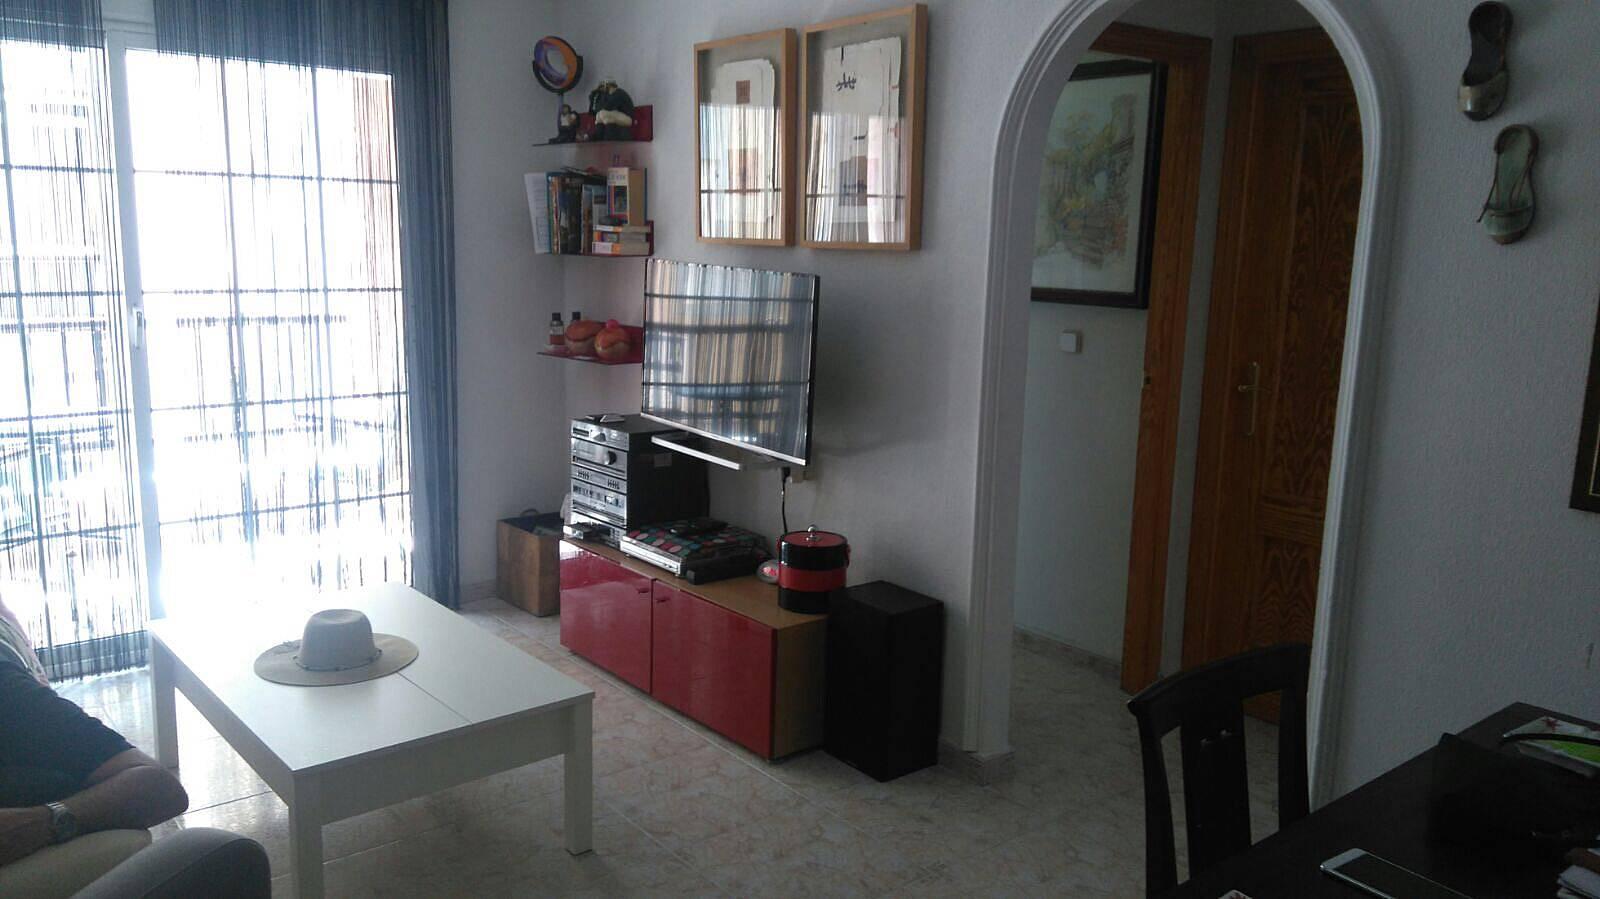 Apartamento en alquiler a 150 m de la playa la mata torrevieja alicante costa blanca - Alquilar apartamento en torrevieja ...